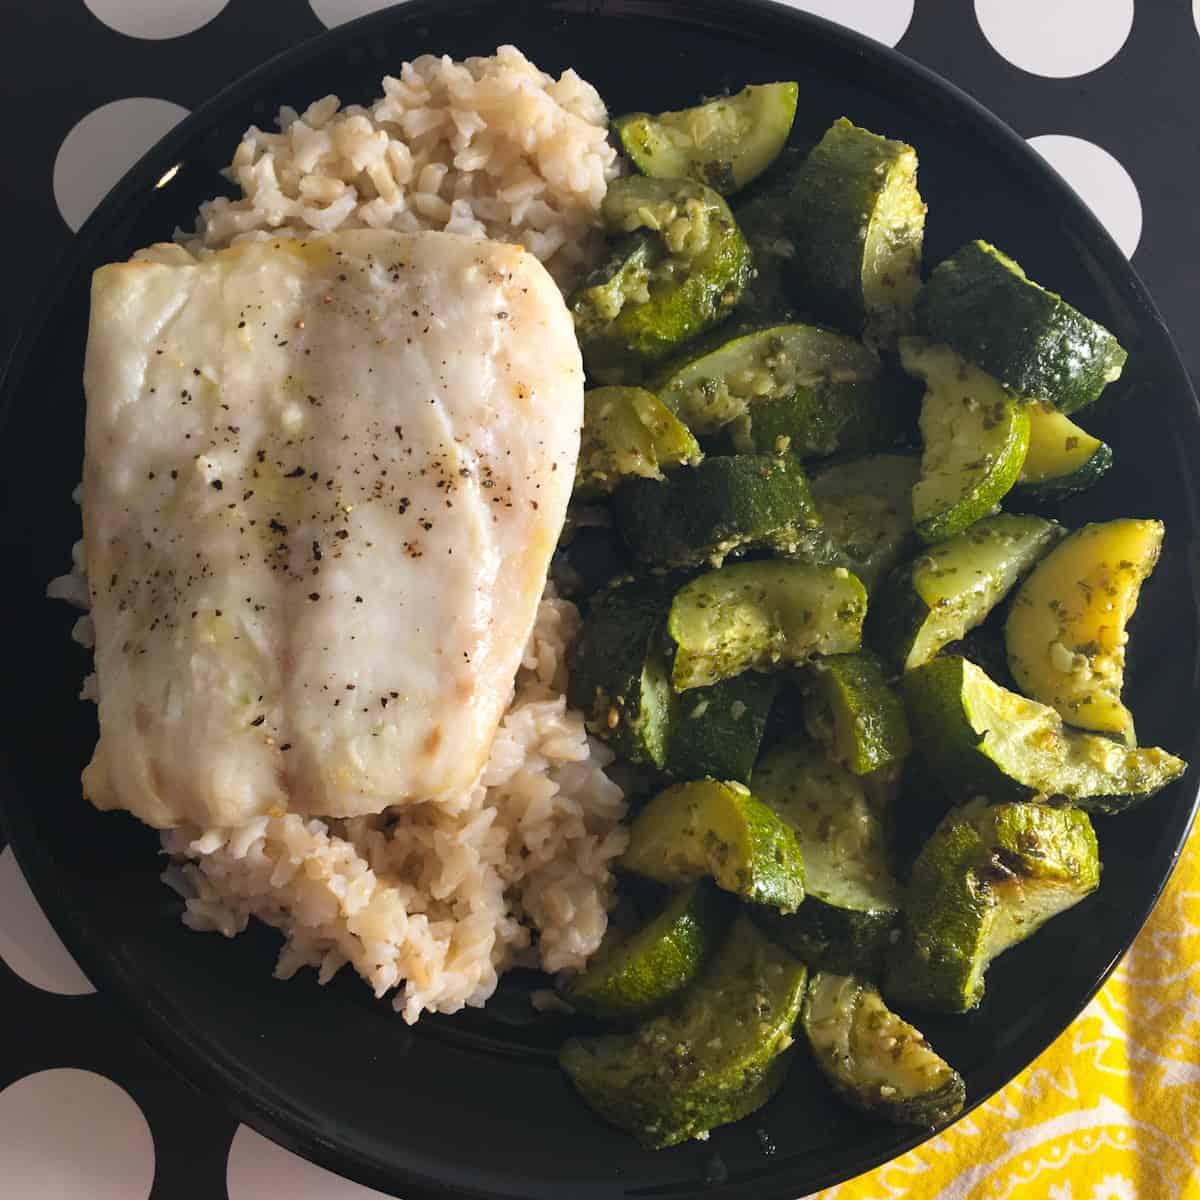 cod fillet meal